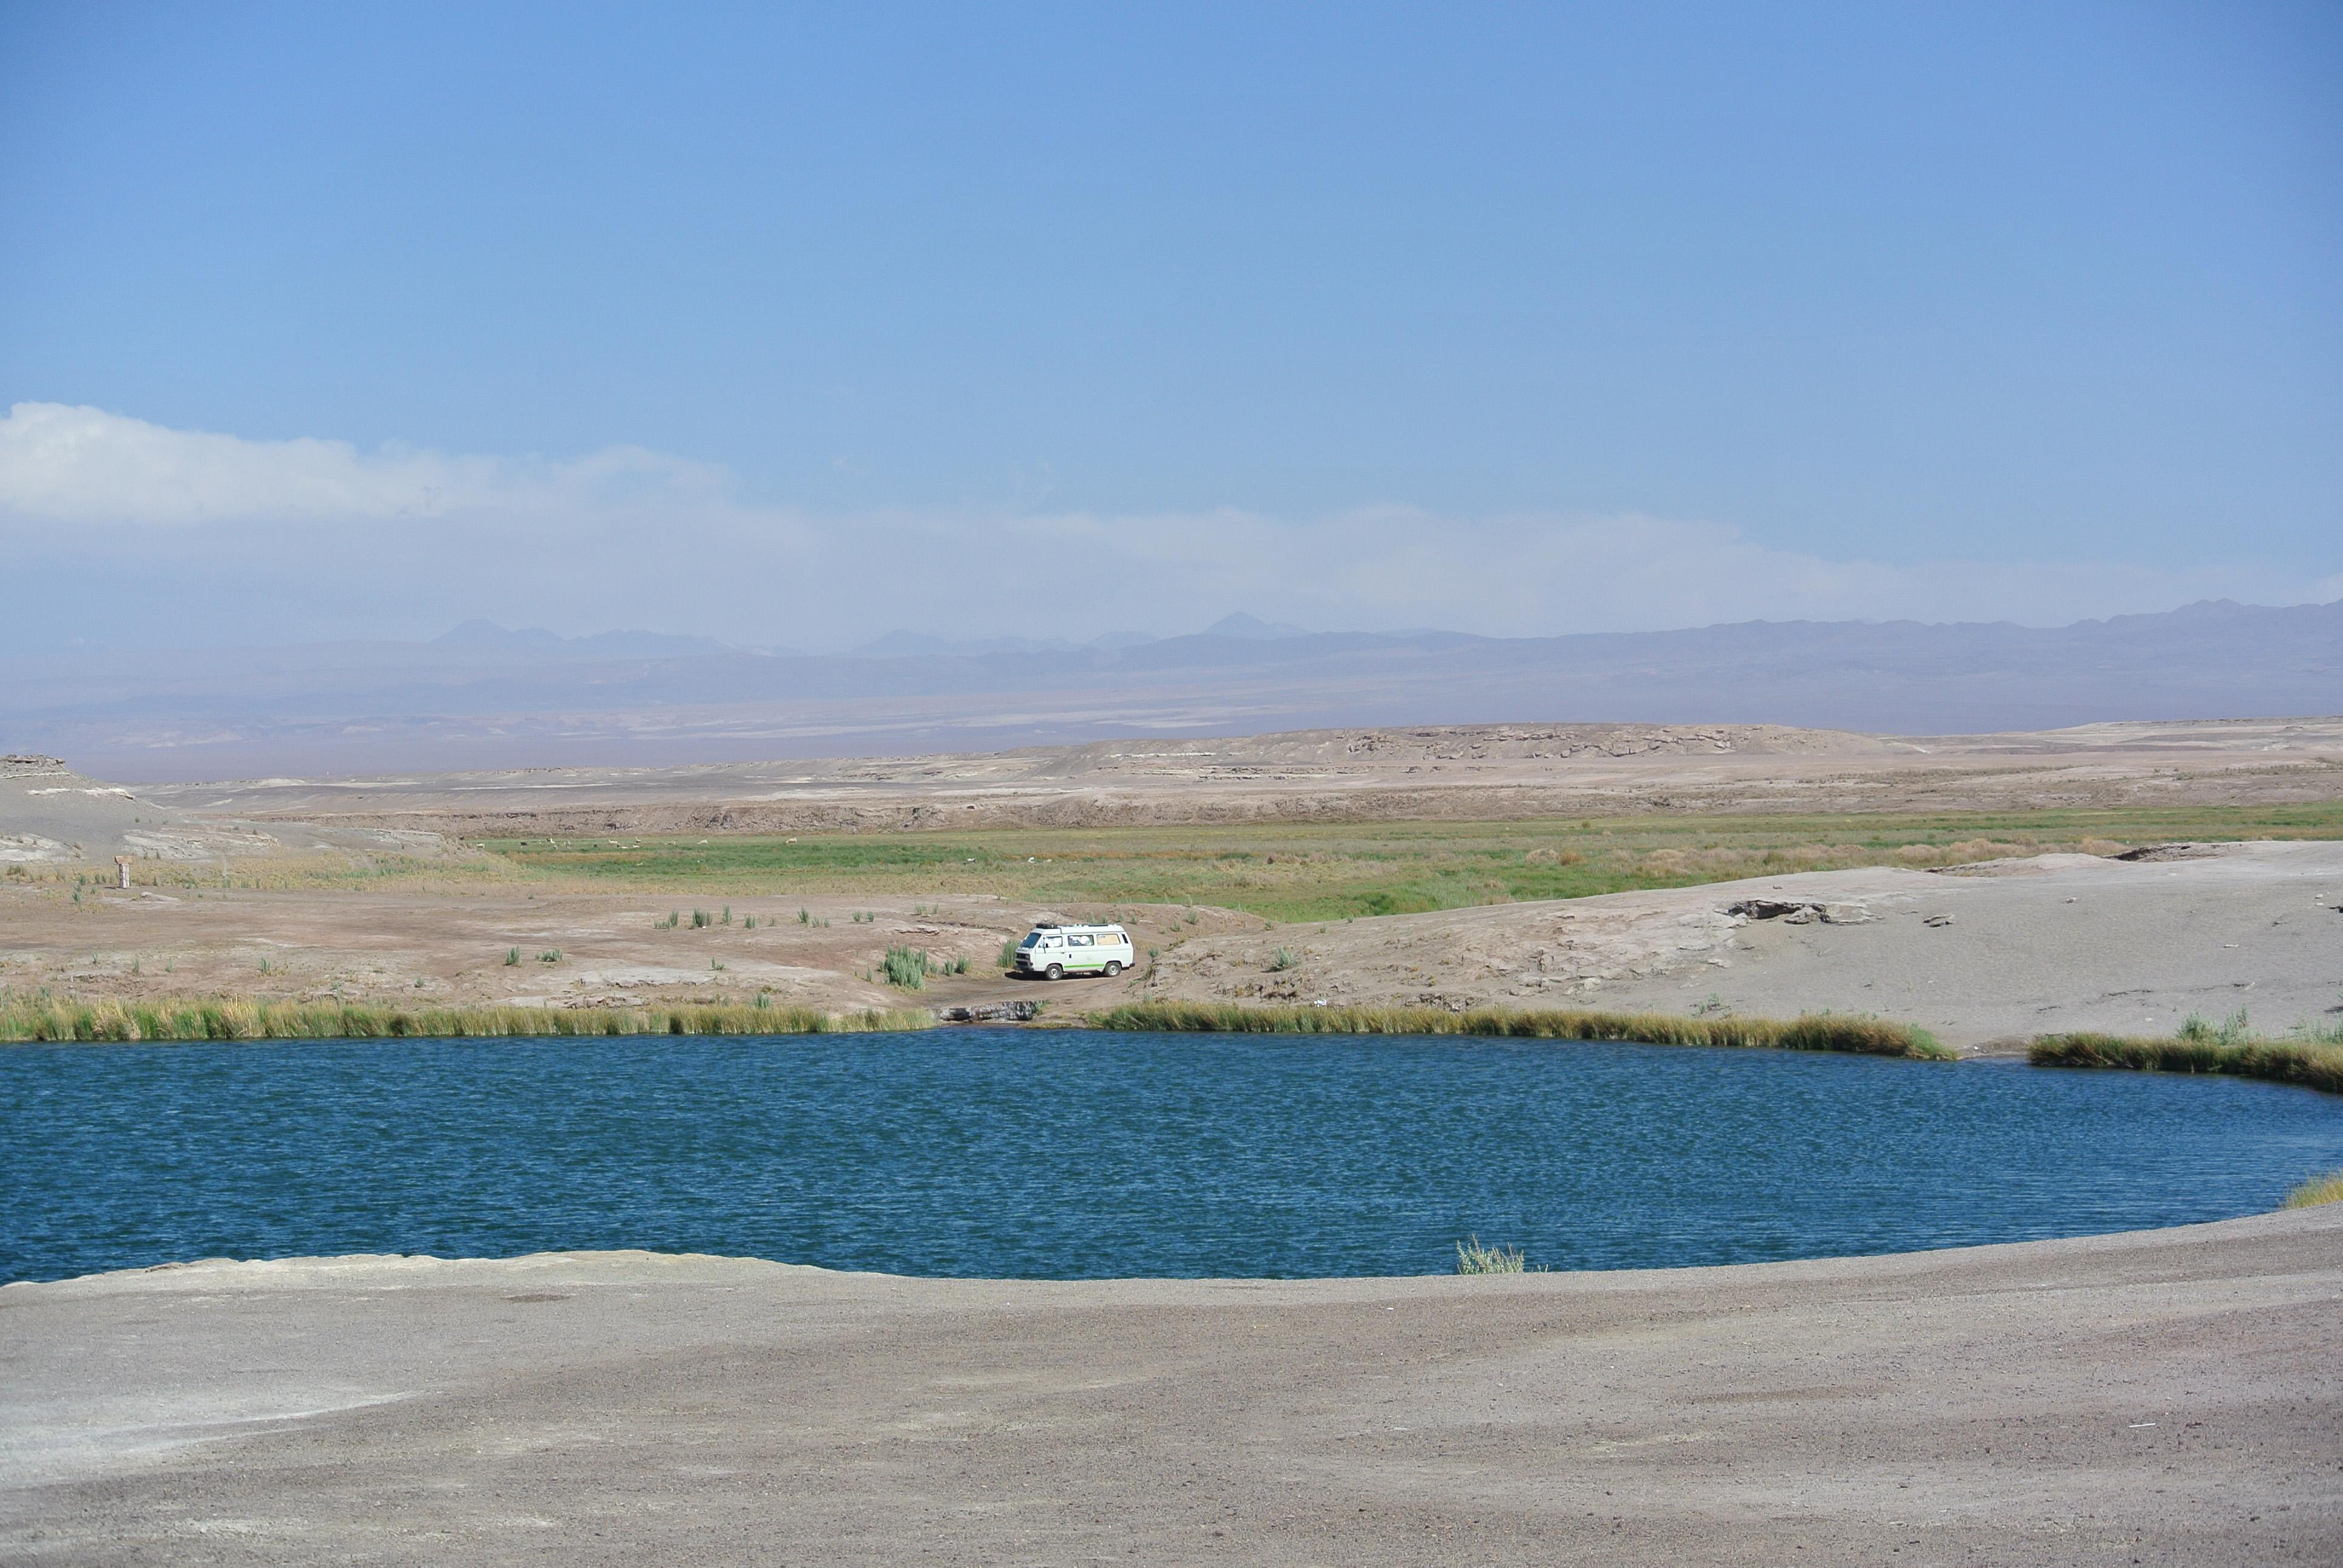 062 1312  Laguna Inca Coya 22JPG